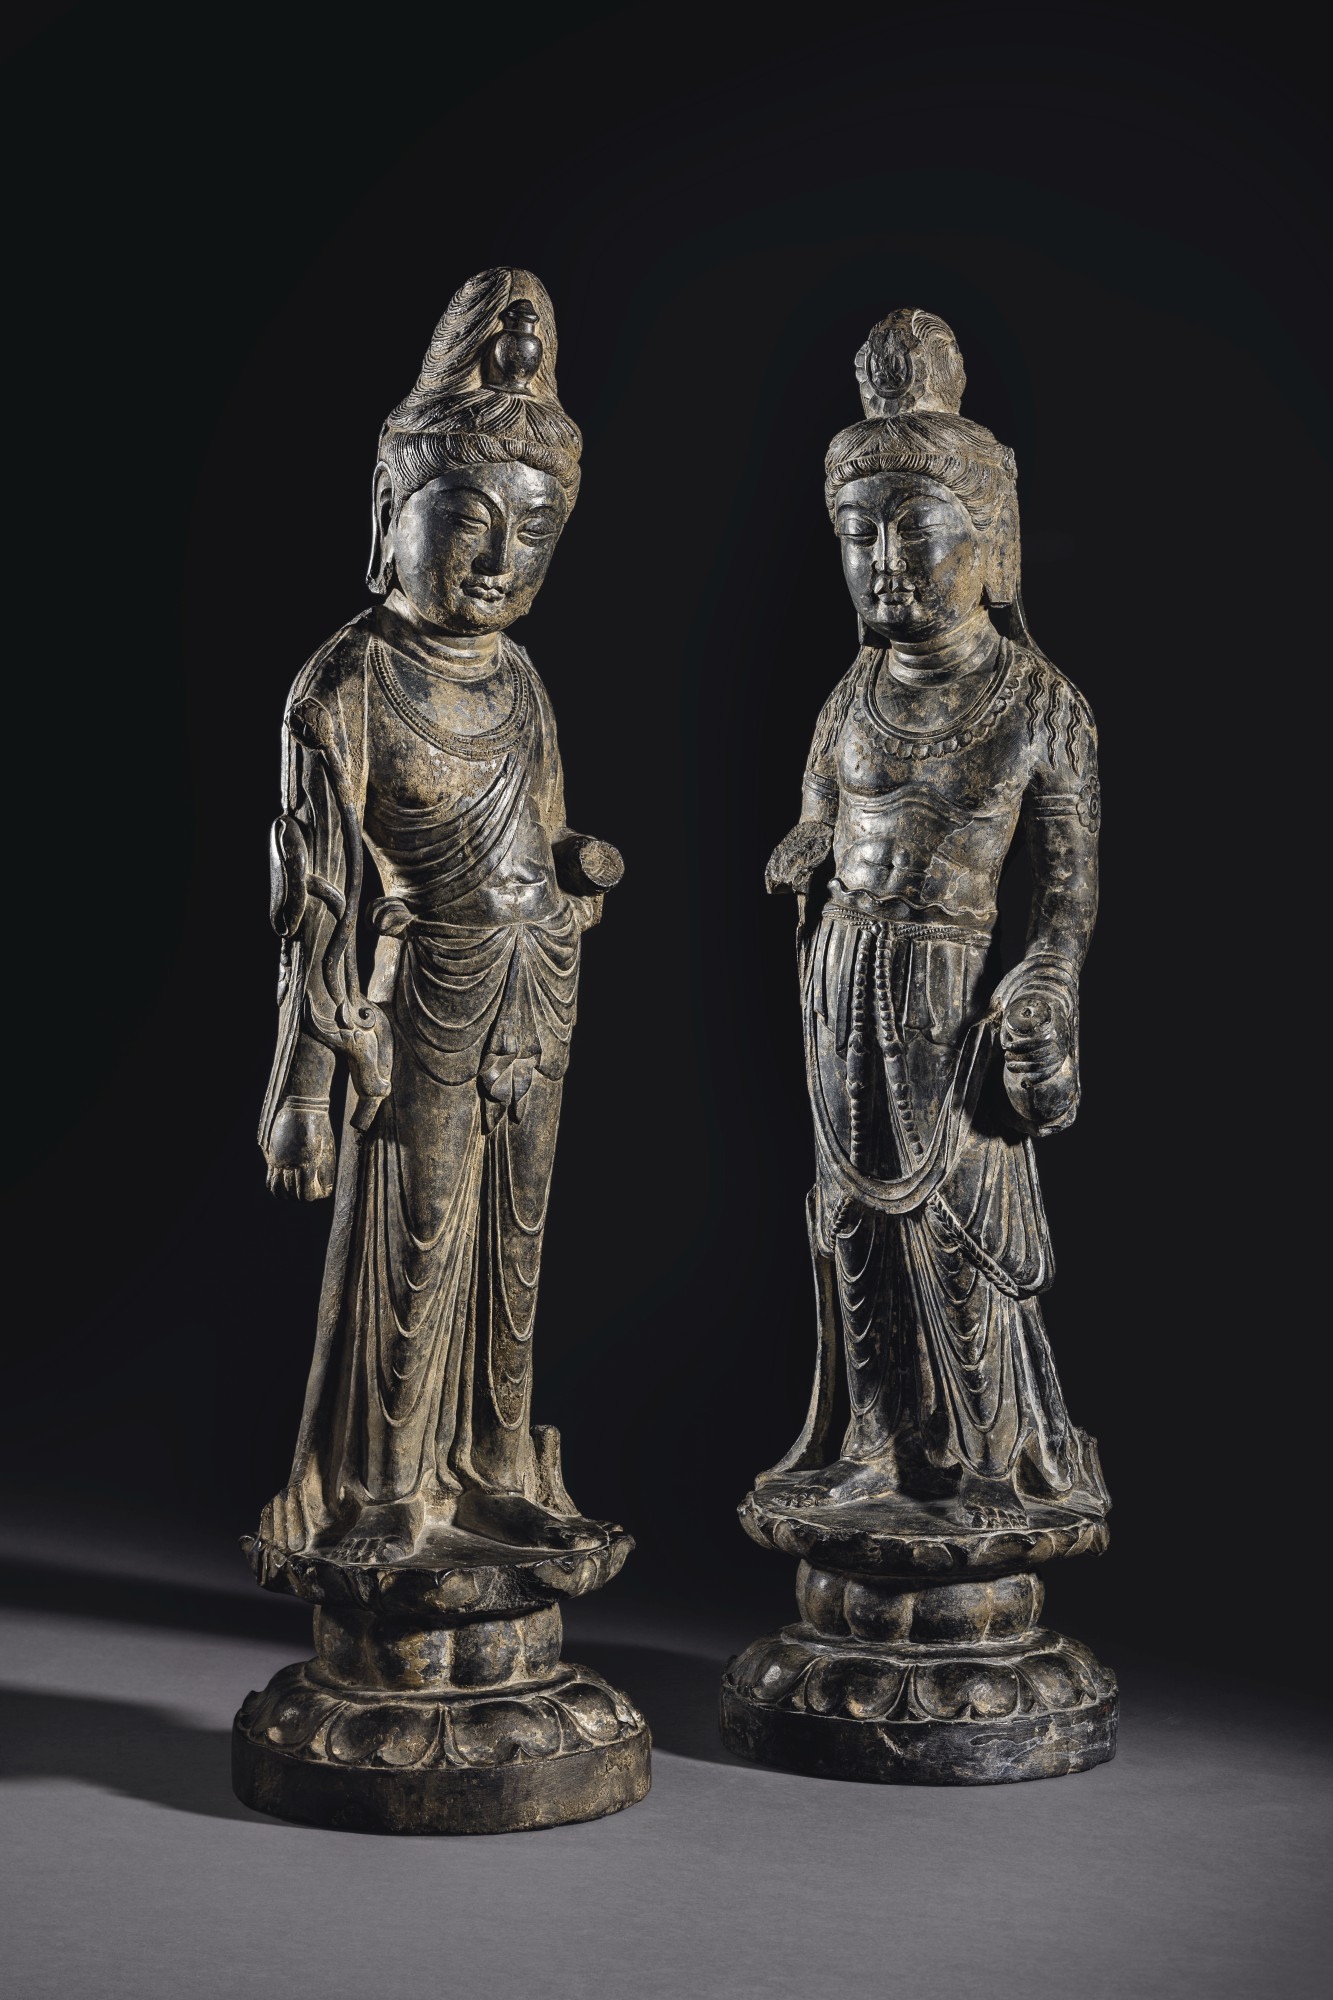 盛唐 一对菩萨立像,左:石灰岩雕大势至菩萨立像,高26⅜吋 (67公分)。成交价: 3,252,500美元;右:石灰岩雕观音菩萨立像。高26⅜吋 (67公分)。成交价:1,992,500美元。此拍品于2018年9月13至14日在佳士得纽约中国瓷器及工艺精品拍卖中呈献。